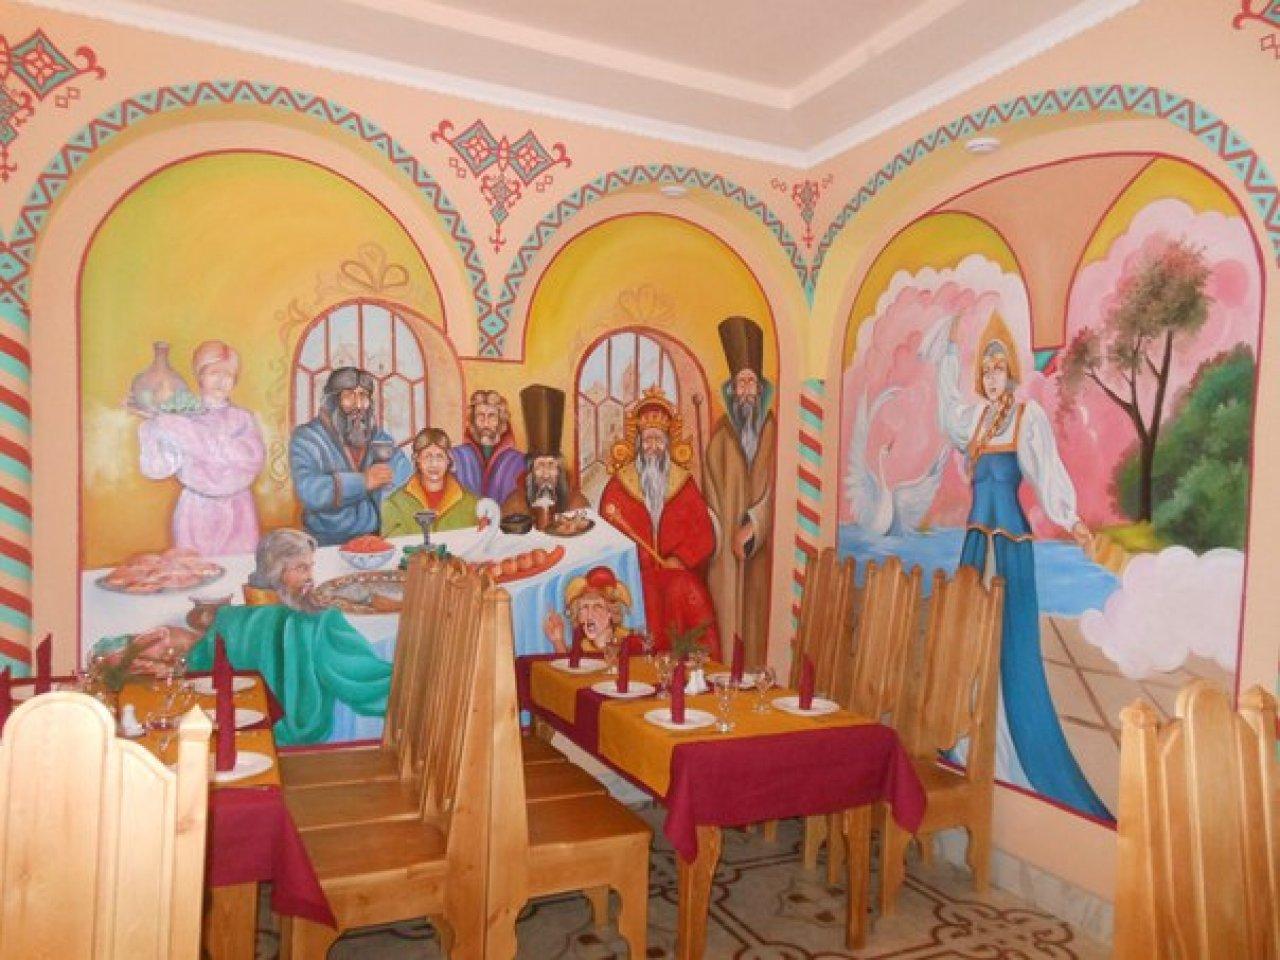 Фото: ресторан «Иван-царевич» в Ростове Великом